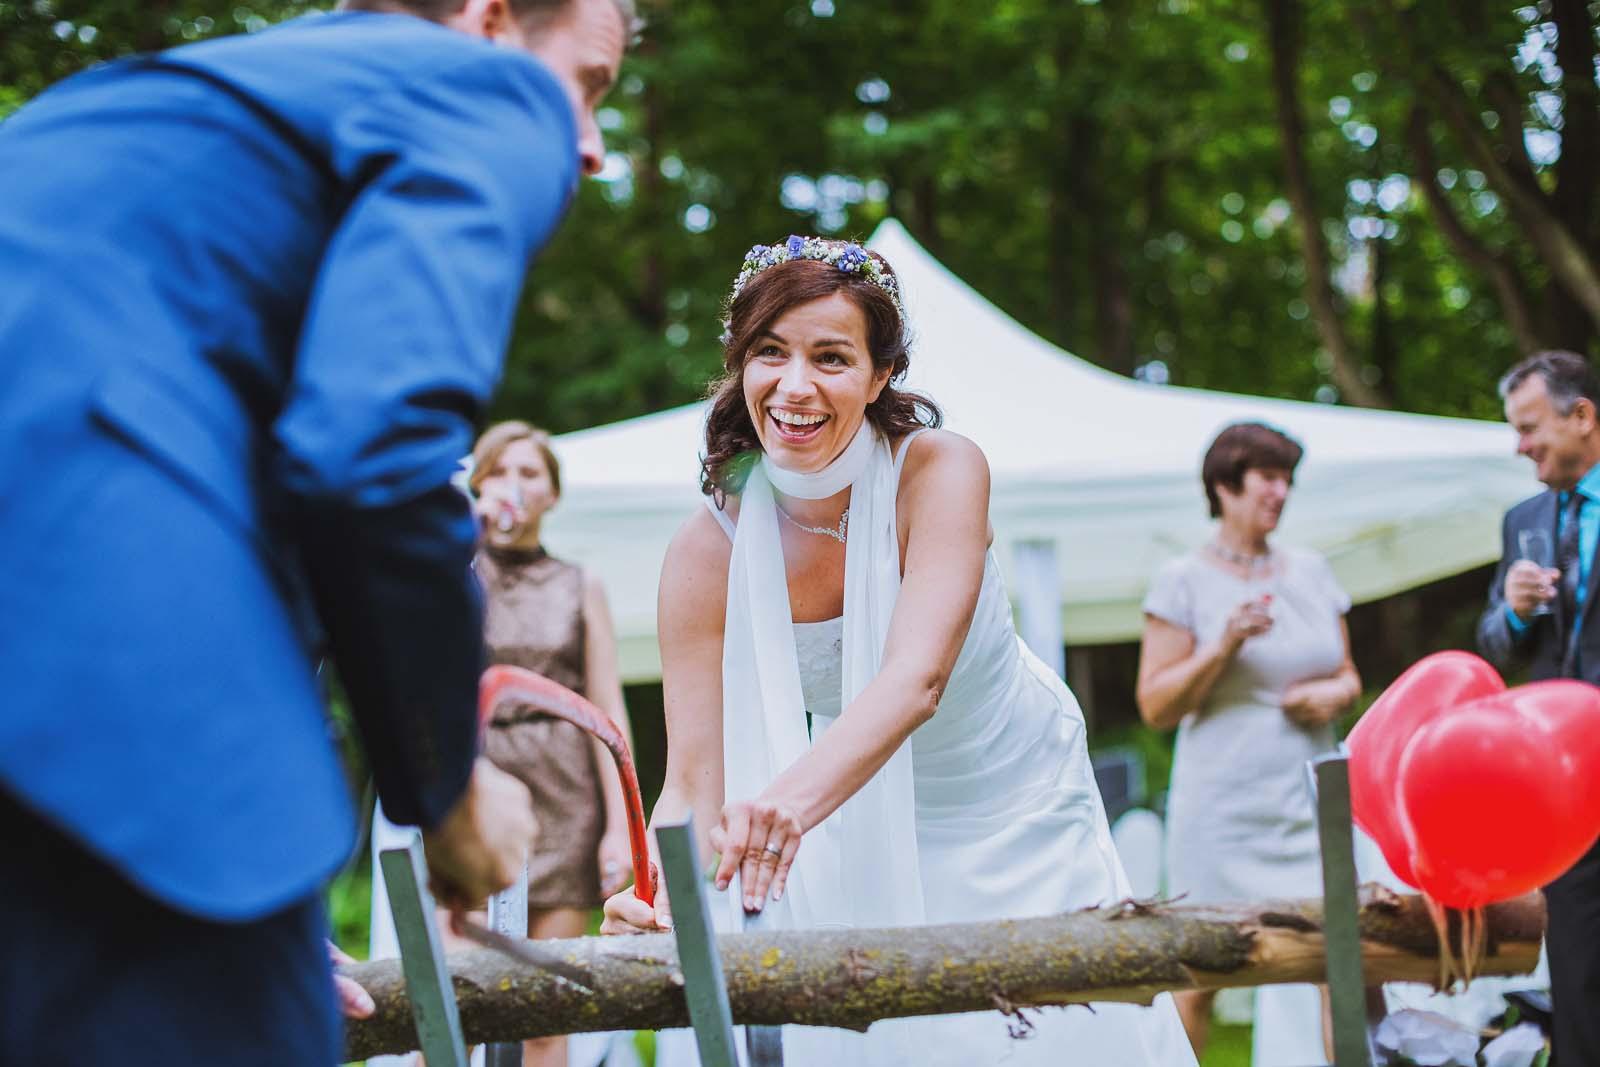 Hochzeitsreportagefoto vom Baumstammsaegen Copyright by Hochzeitsfotograf www.berliner-hochzeitsfotografie.de